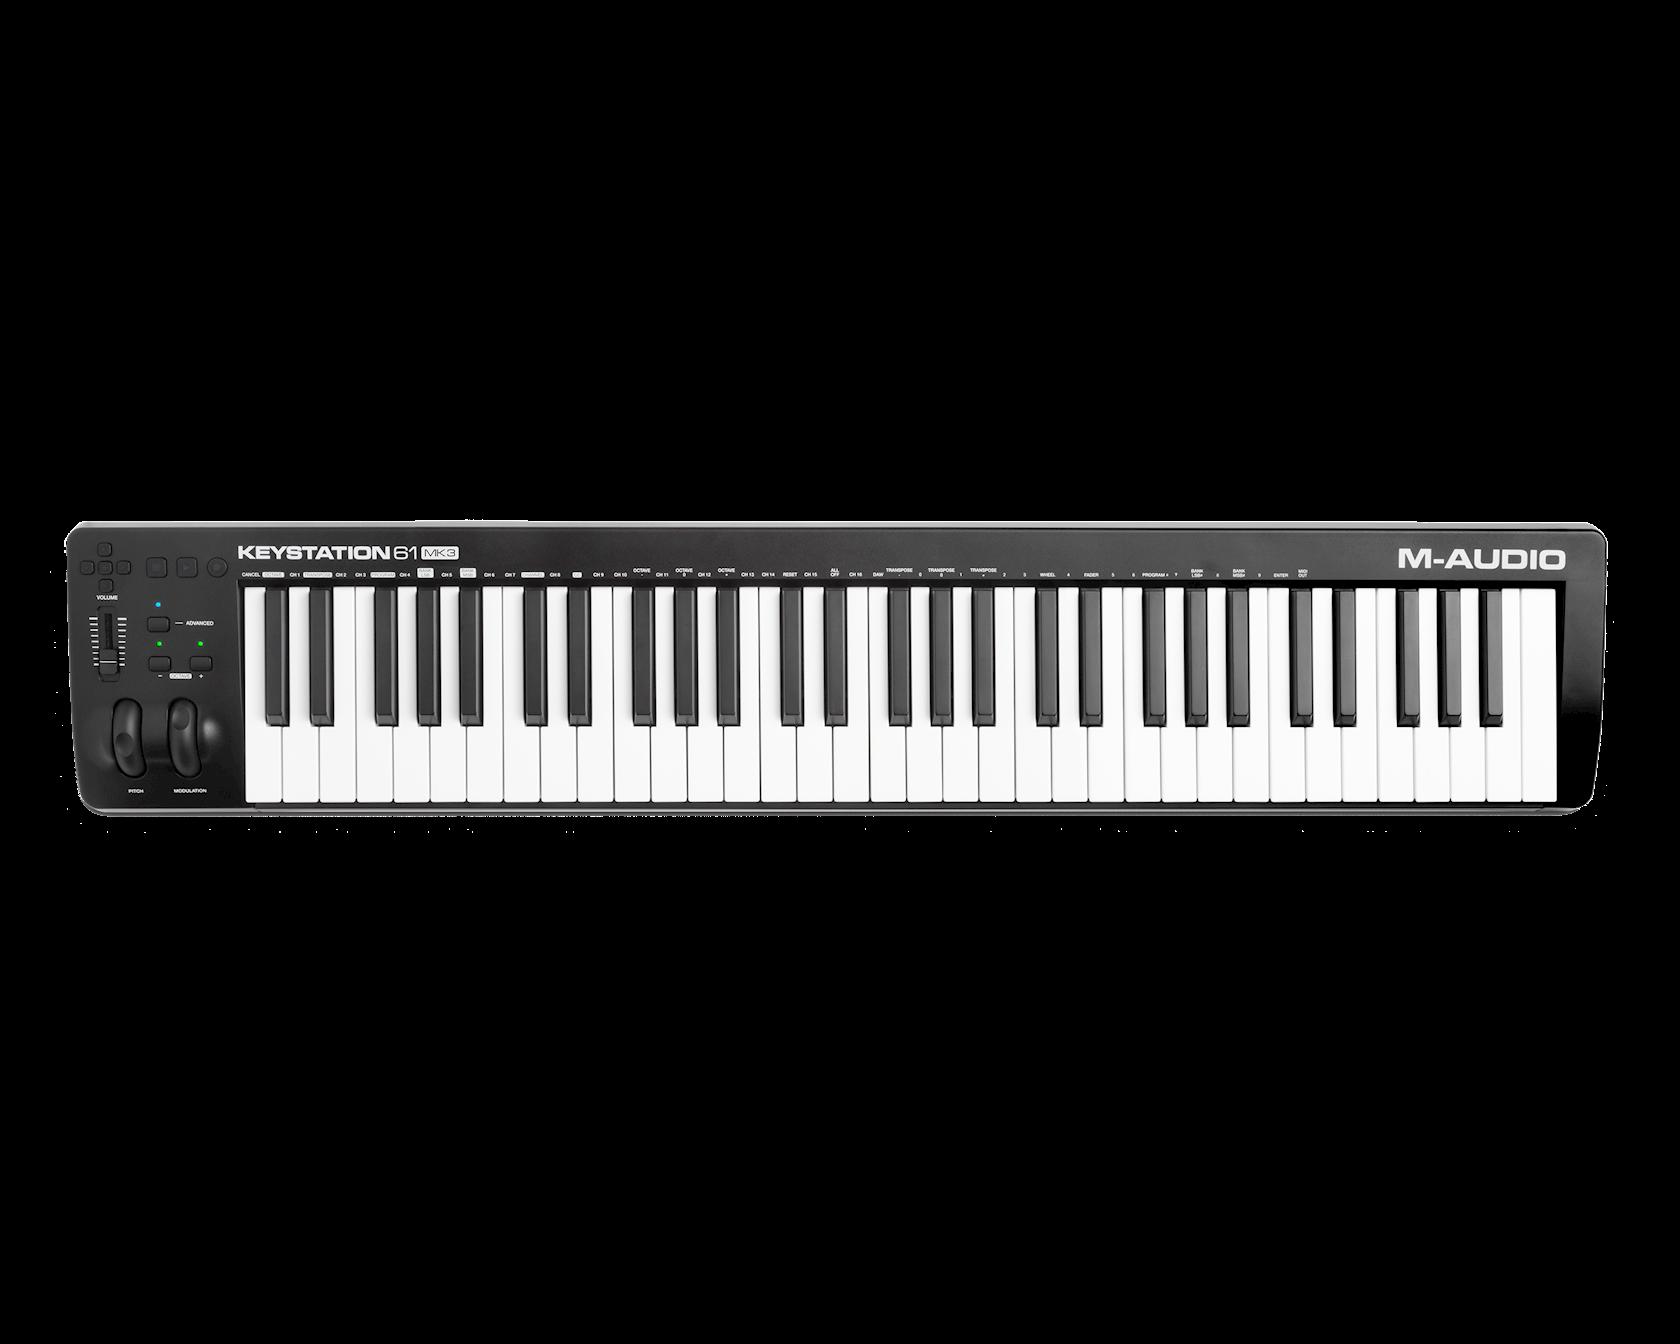 Midi-kontroller M-Audio Keystation 61 MK3, 61 klaviş, 4.1 kq, ağ/qara, 995x68x189 mm